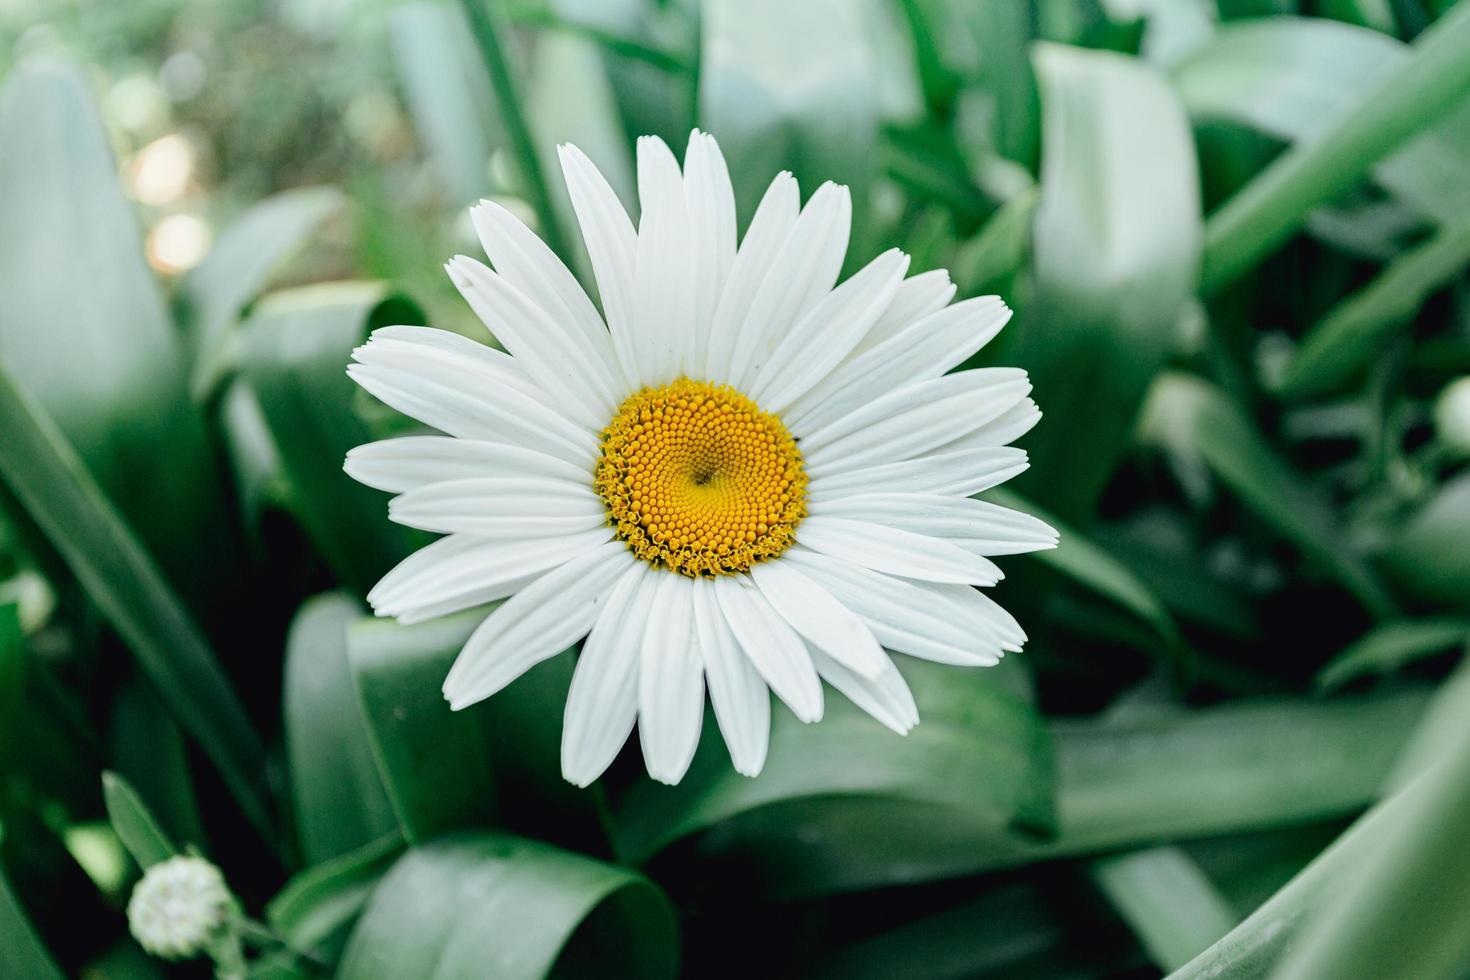 madeliefjebloem met veel bloemblaadjes foto